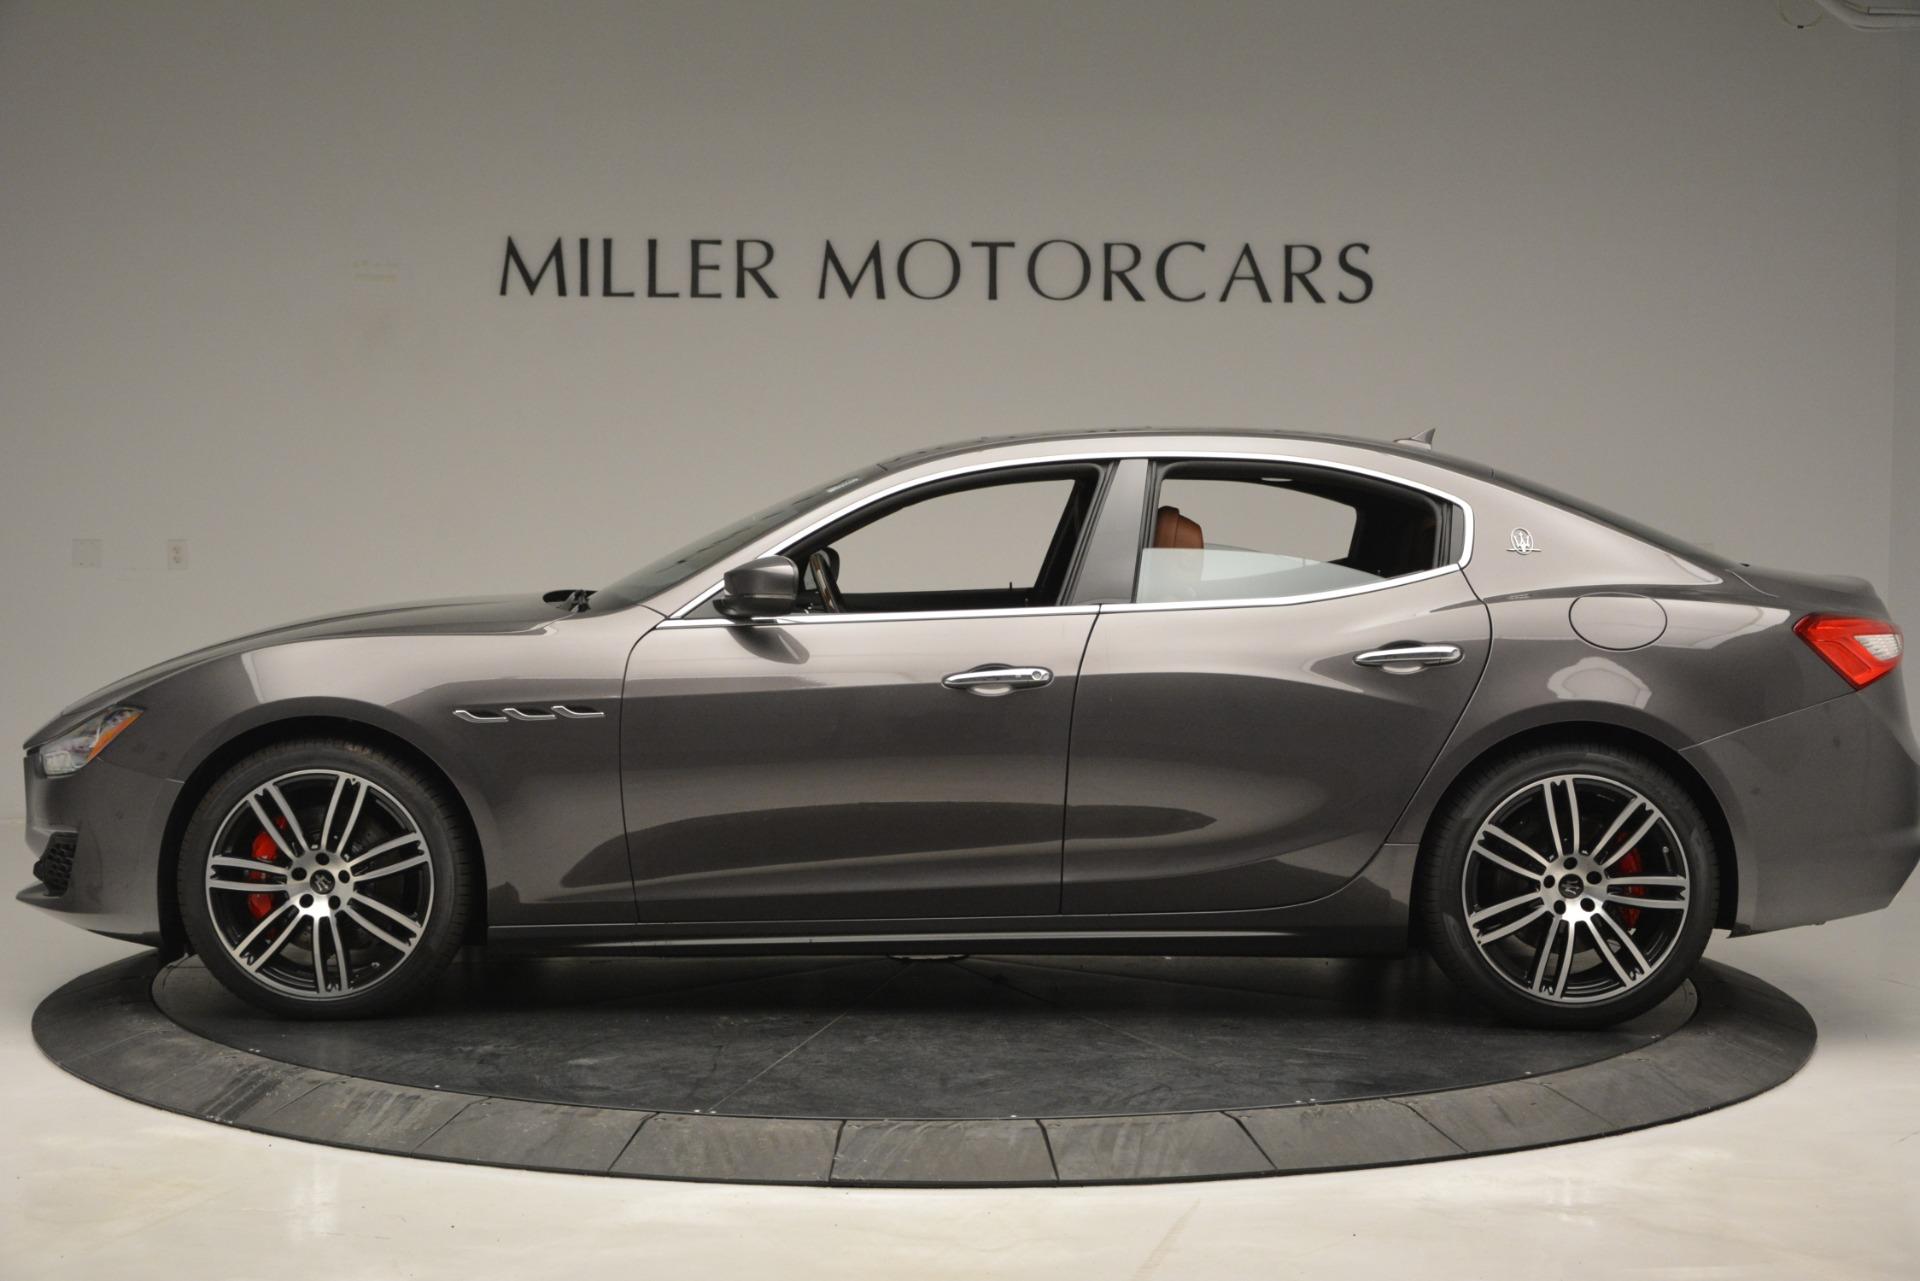 New 2019 Maserati Ghibli S Q4 For Sale In Greenwich, CT. Alfa Romeo of Greenwich, M2202 2623_p3